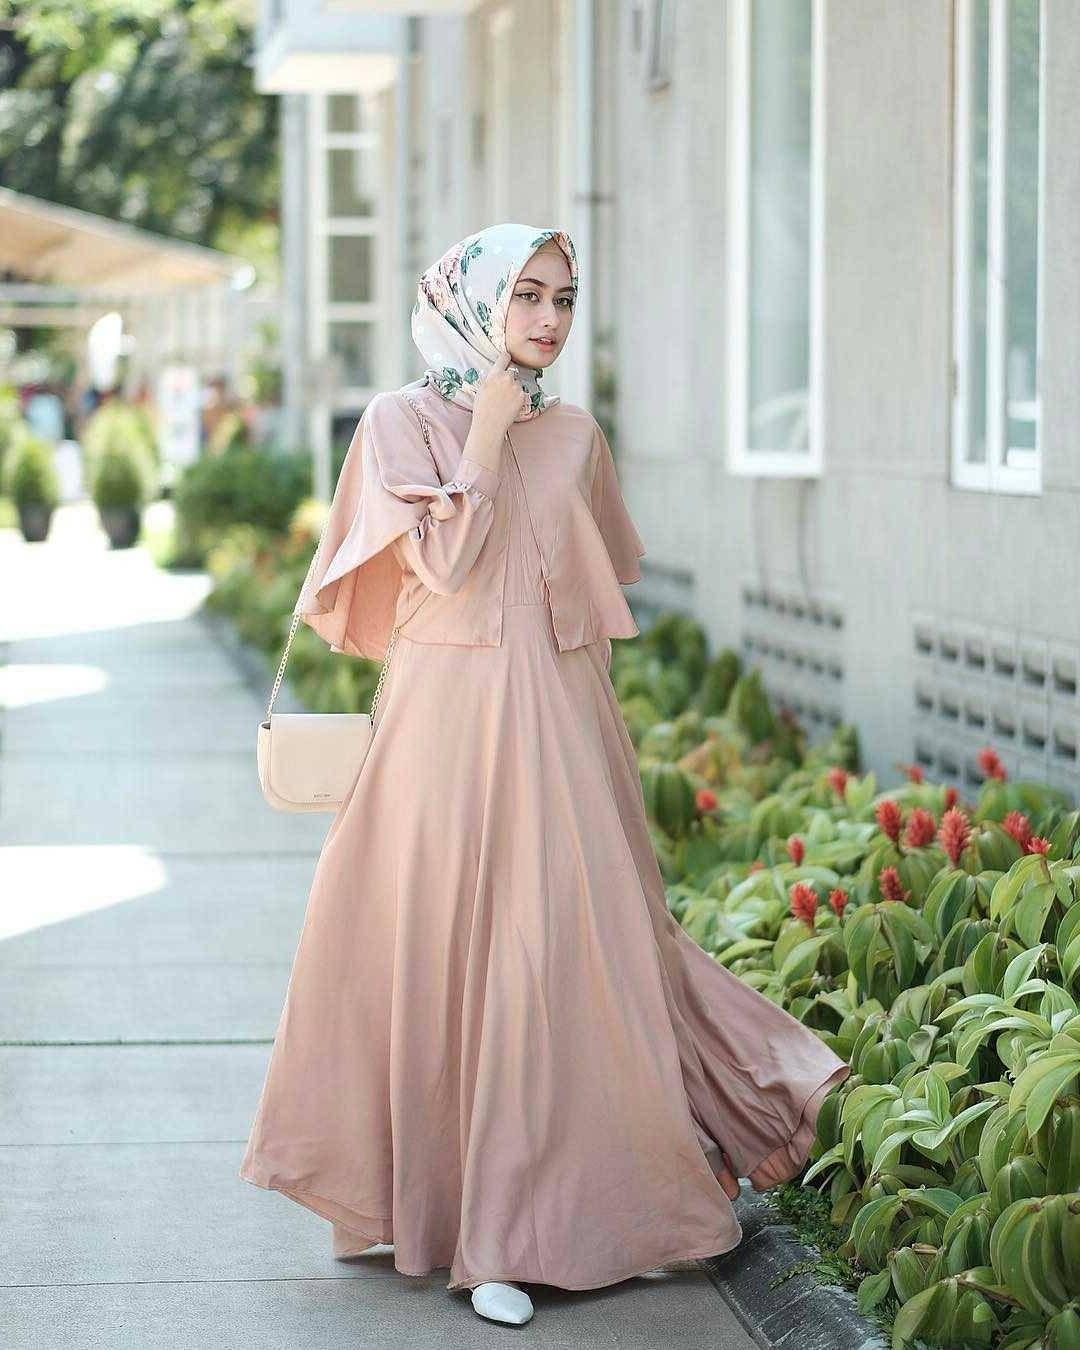 Ide Model Baju Lebaran Batik 2018 Bqdd 21 Model Gamis Lebaran 2018 Desain Elegan Casual Dan Modern